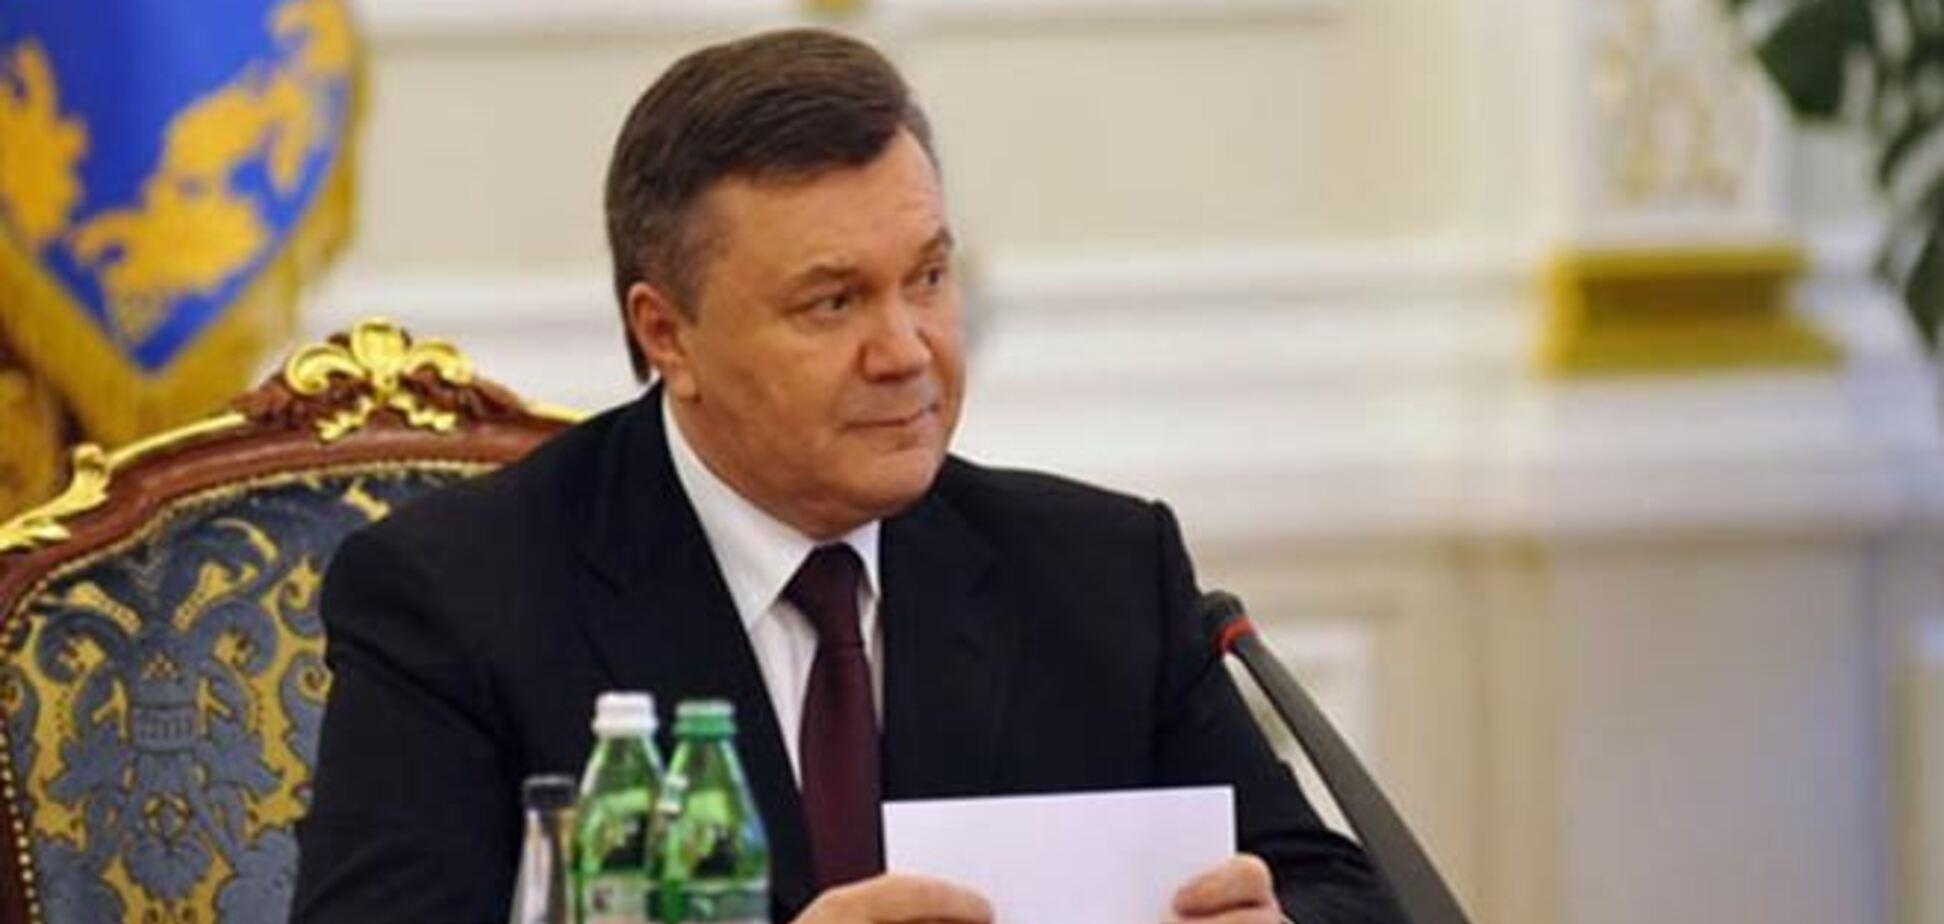 Оппозиция объявила ультиматум Януковичу